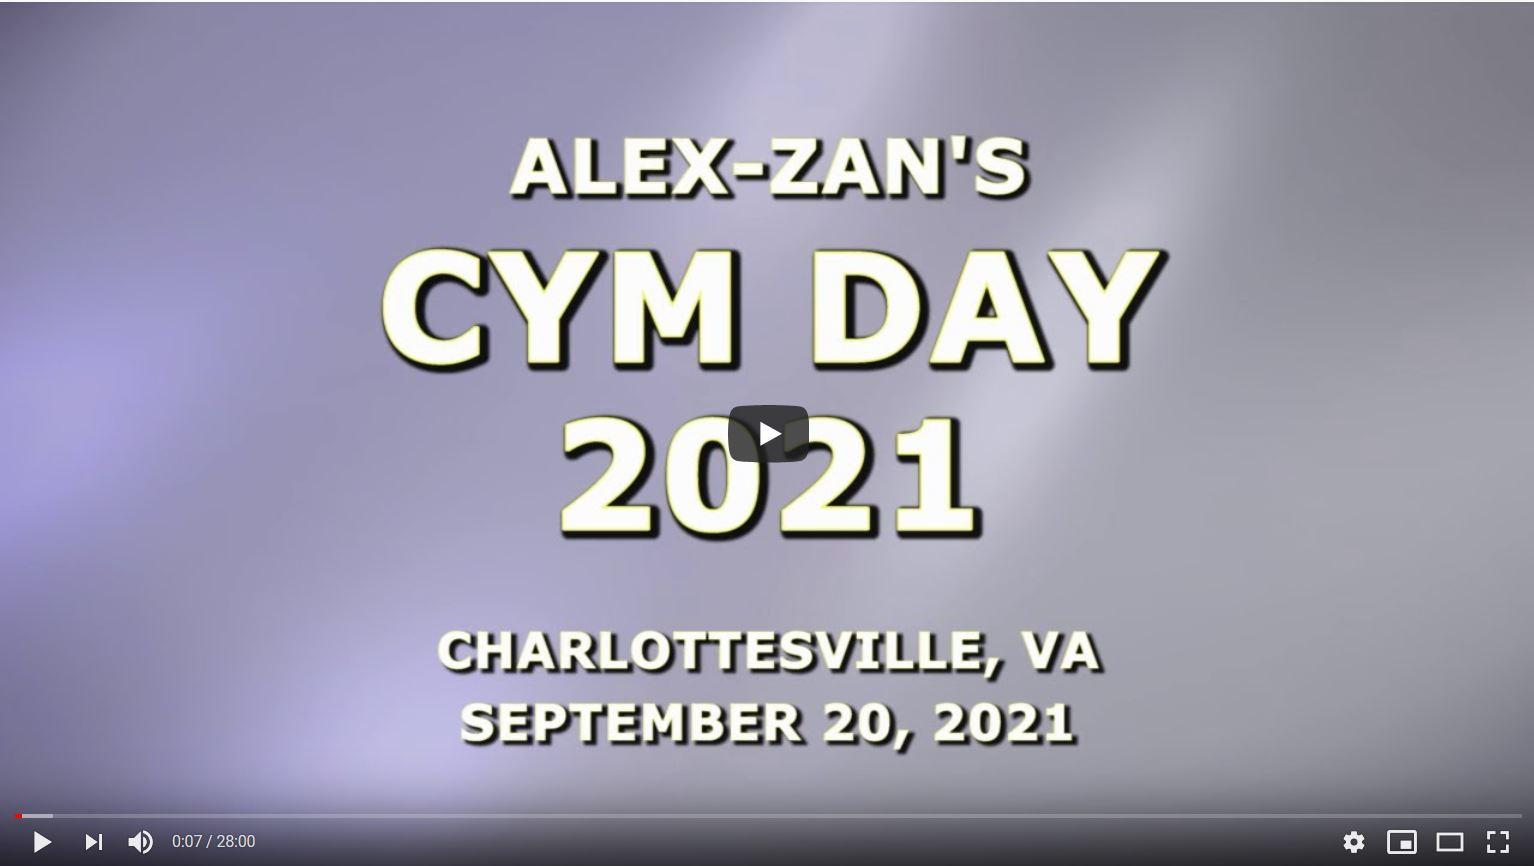 CYM Day 2021